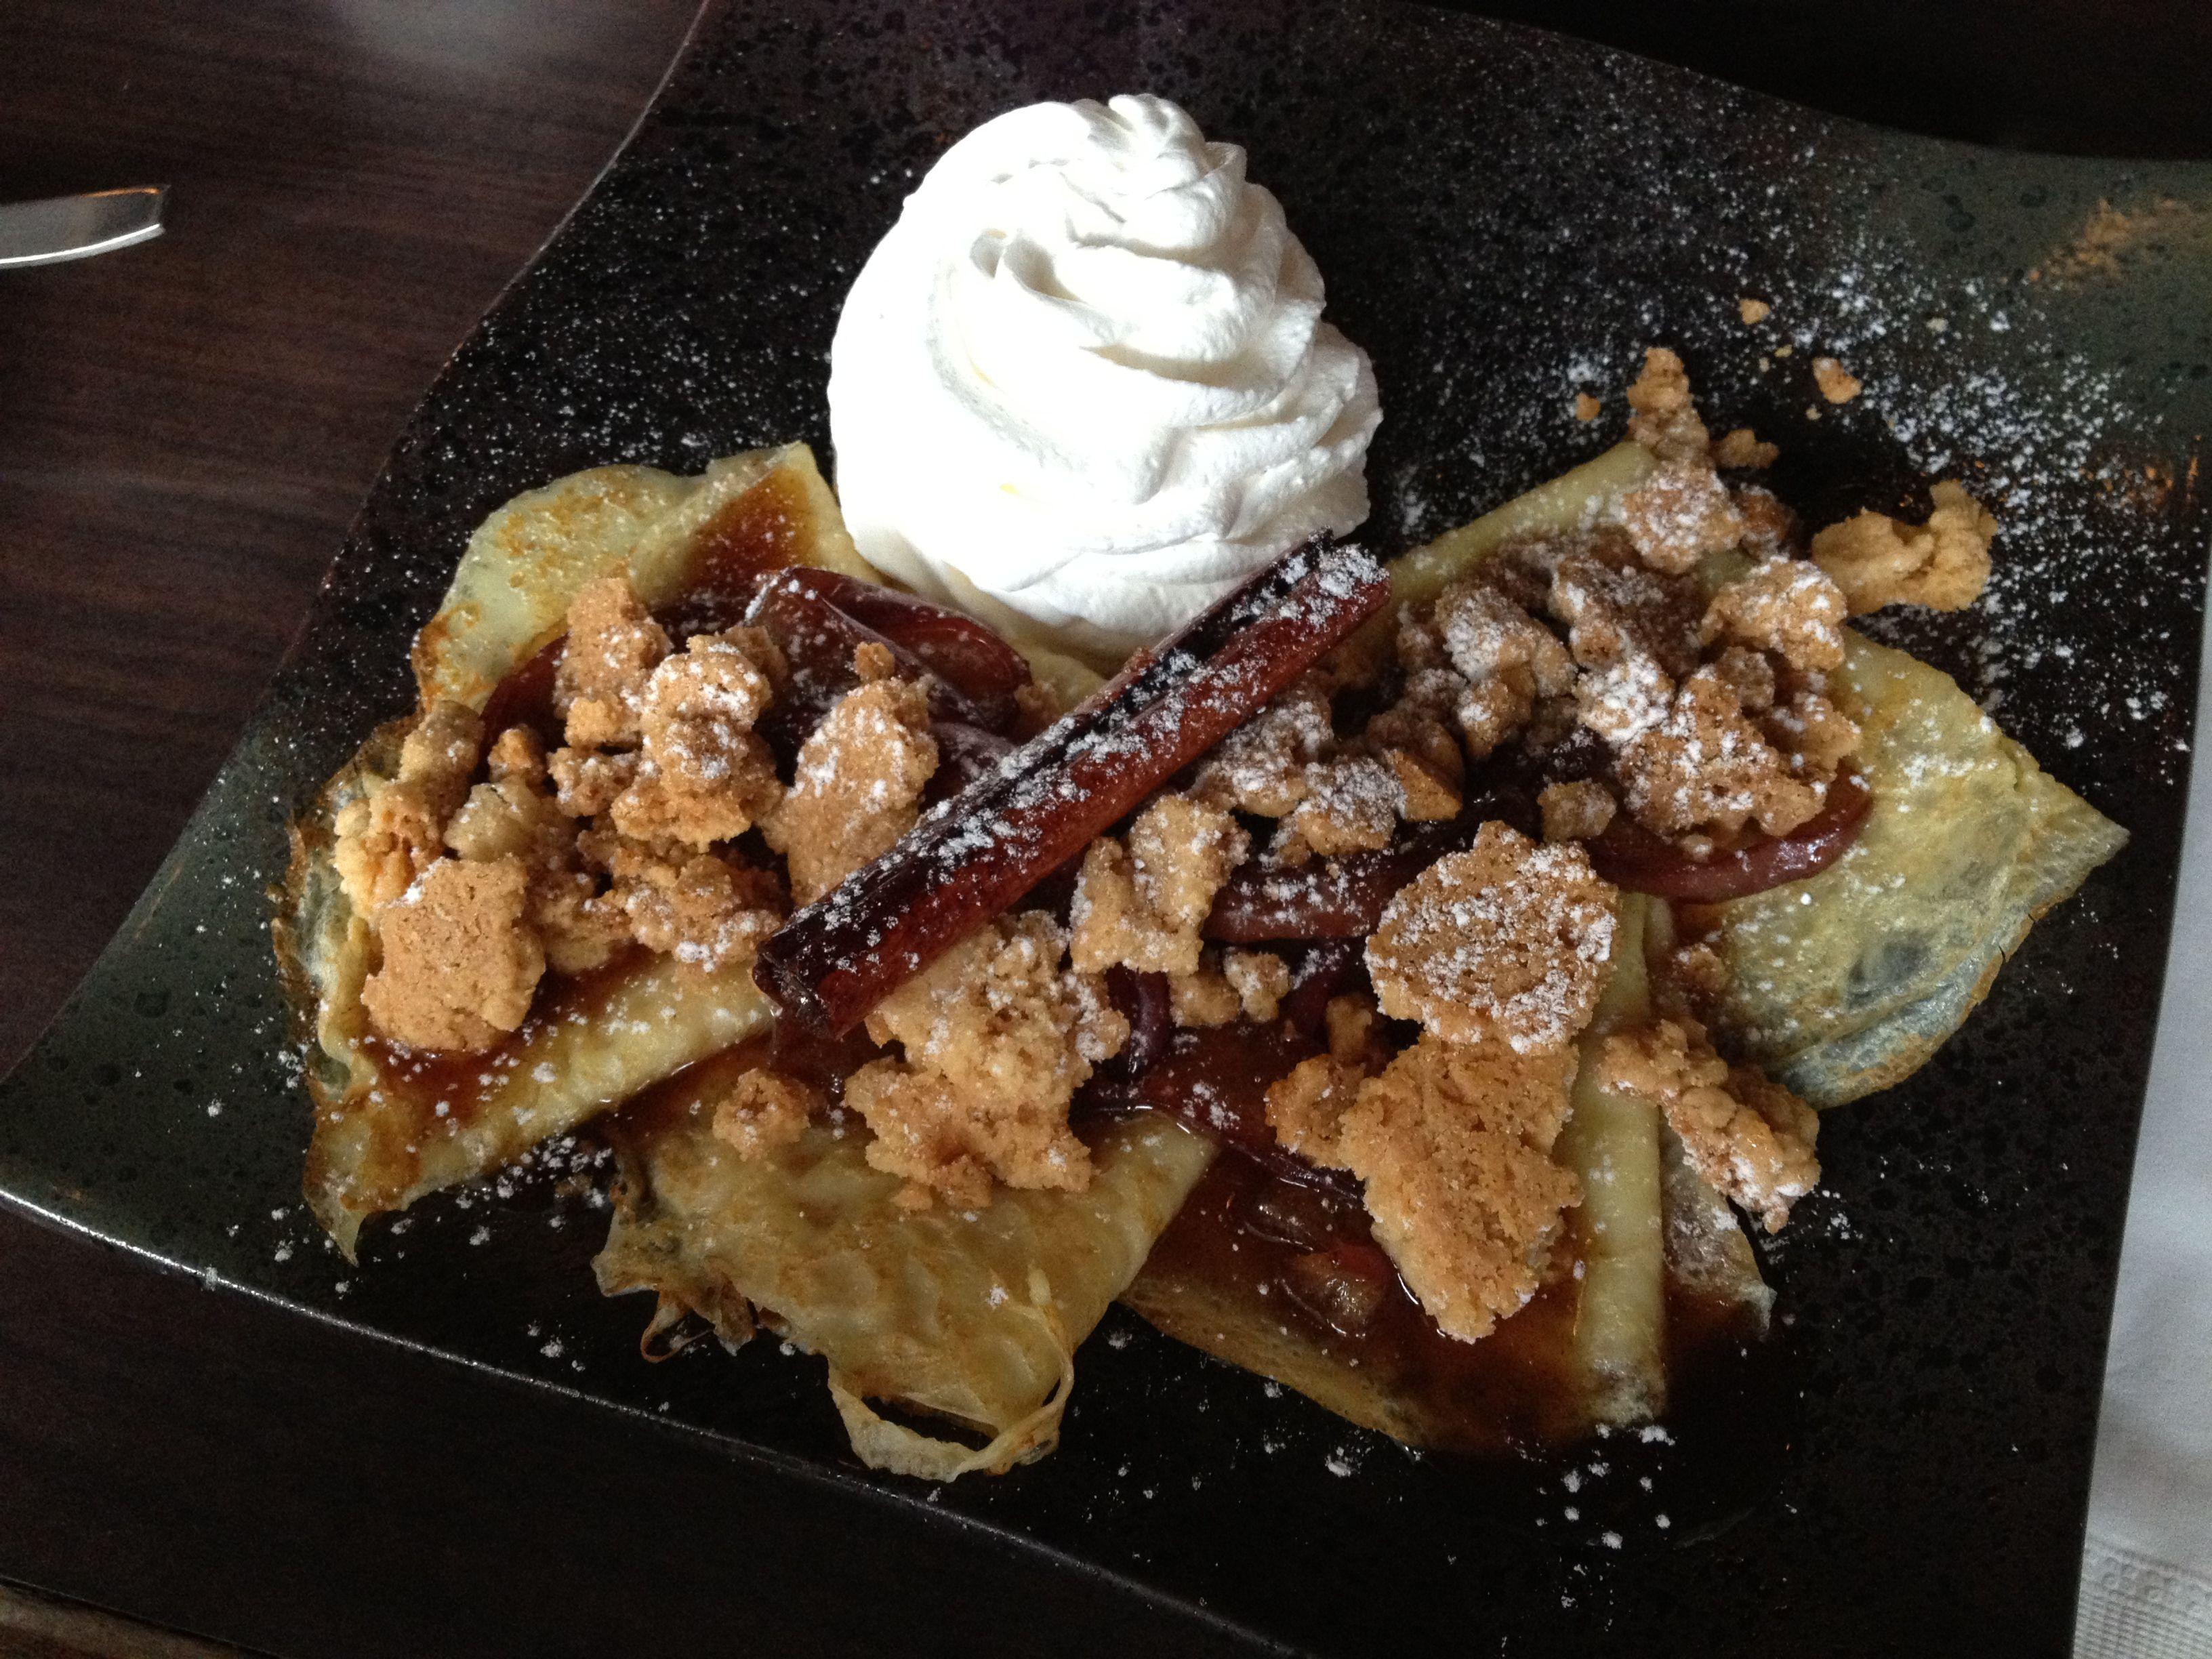 Calories... Yummm@ brunch club